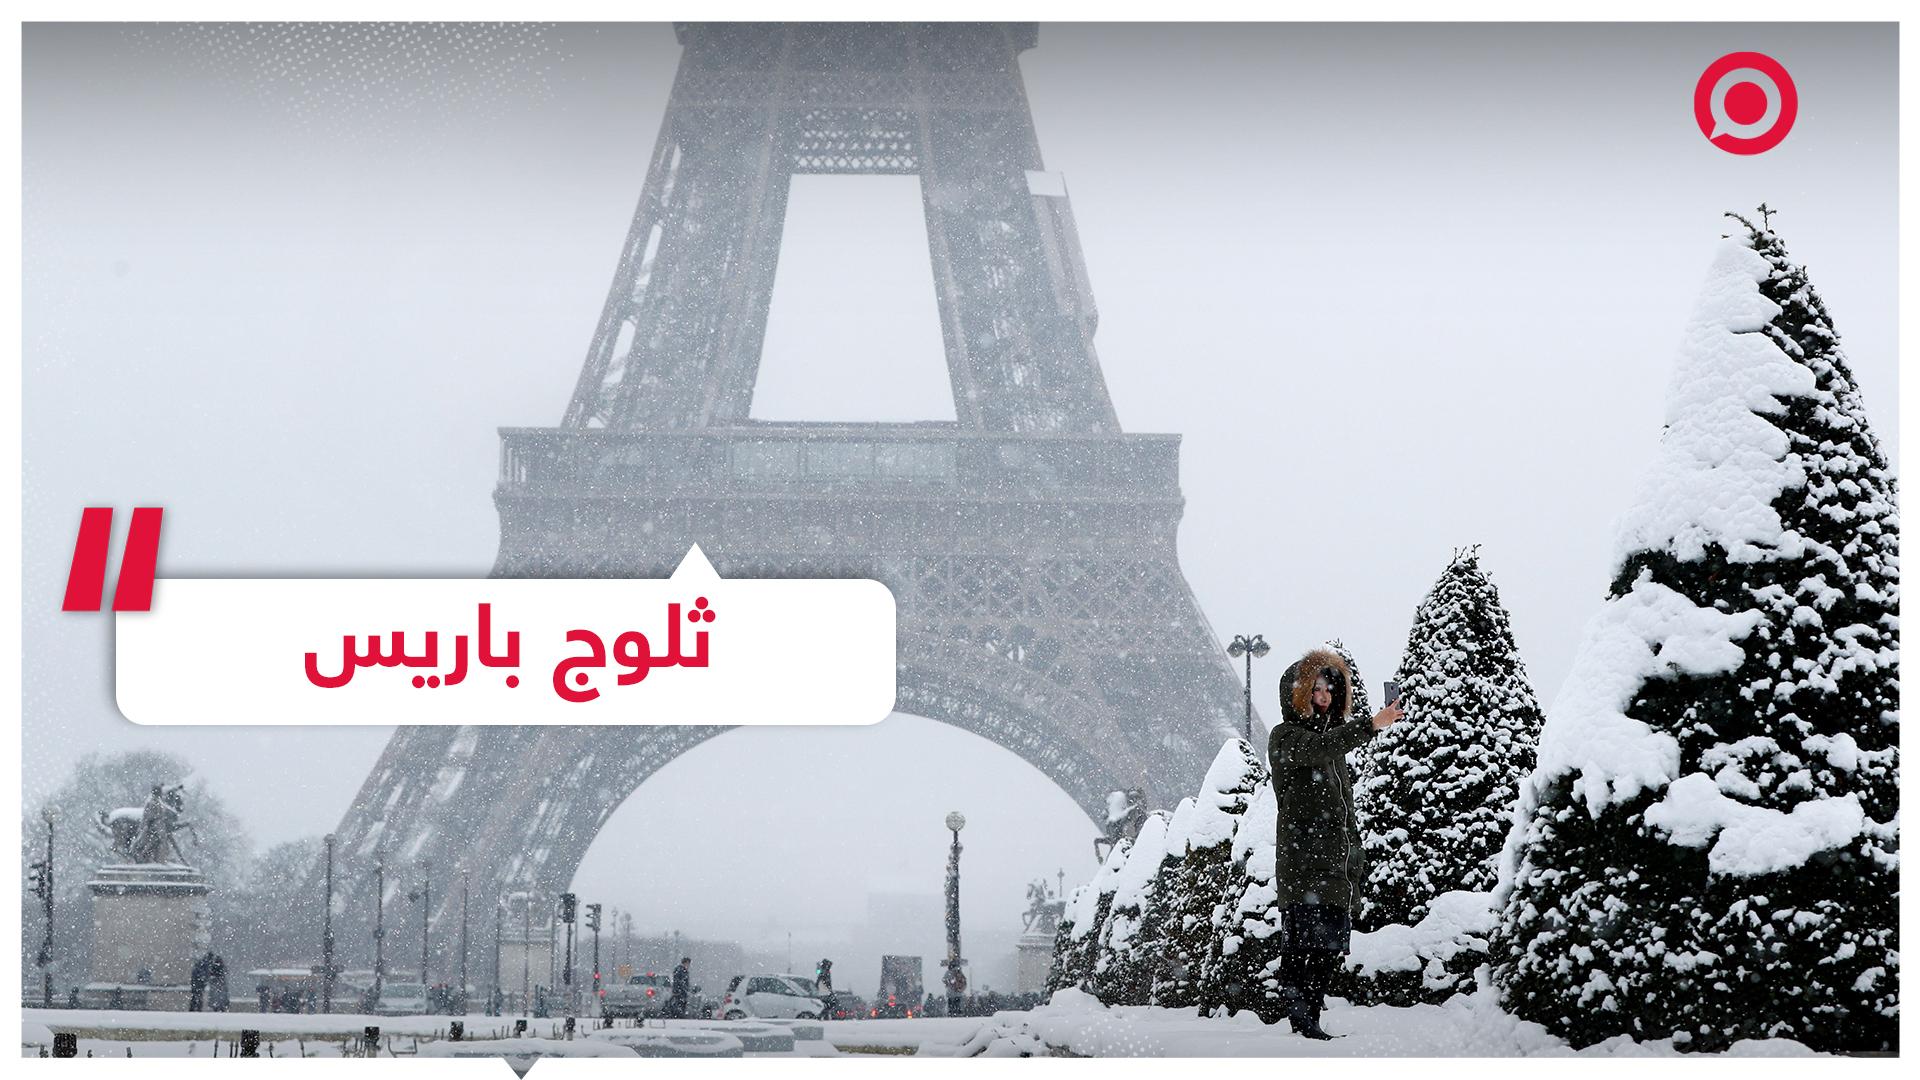 باريس تكتسي بالأبيض